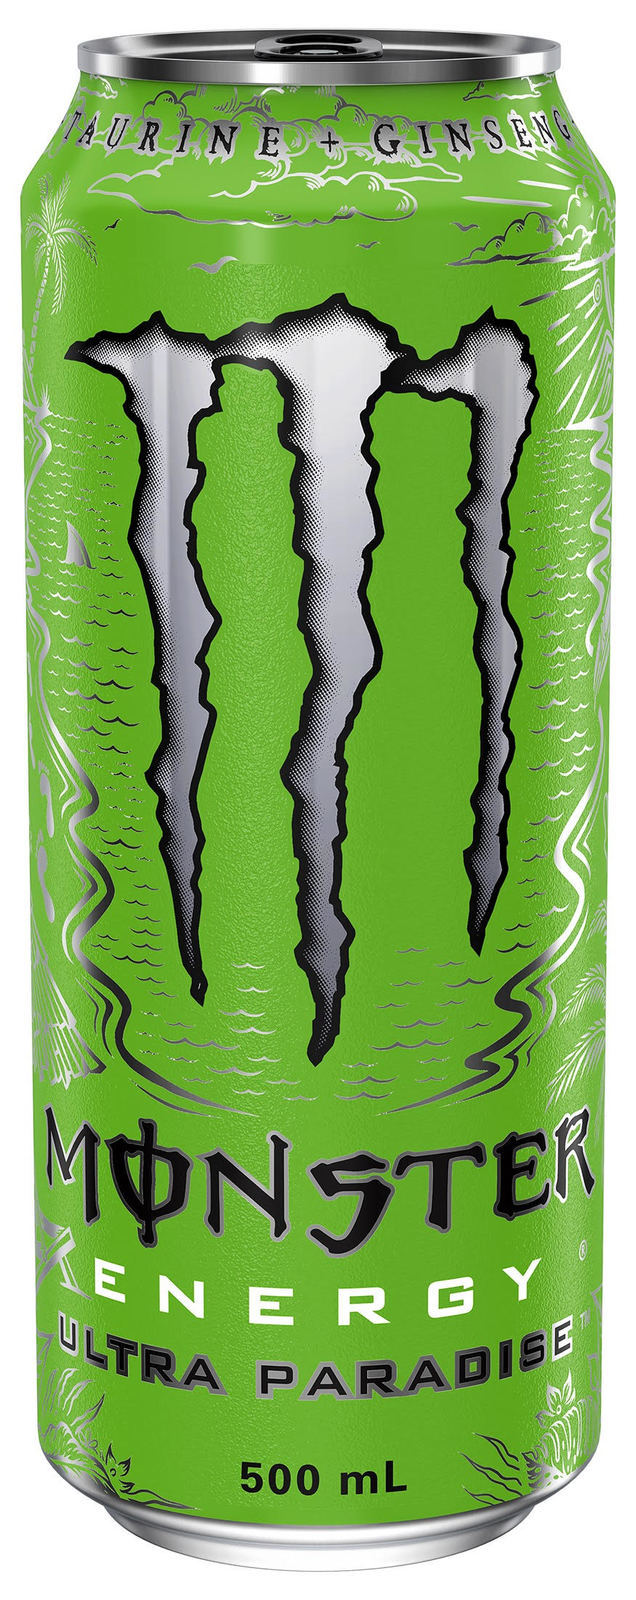 Monster Energy Zero Ultra Paradise 500ml (12 Pack) image